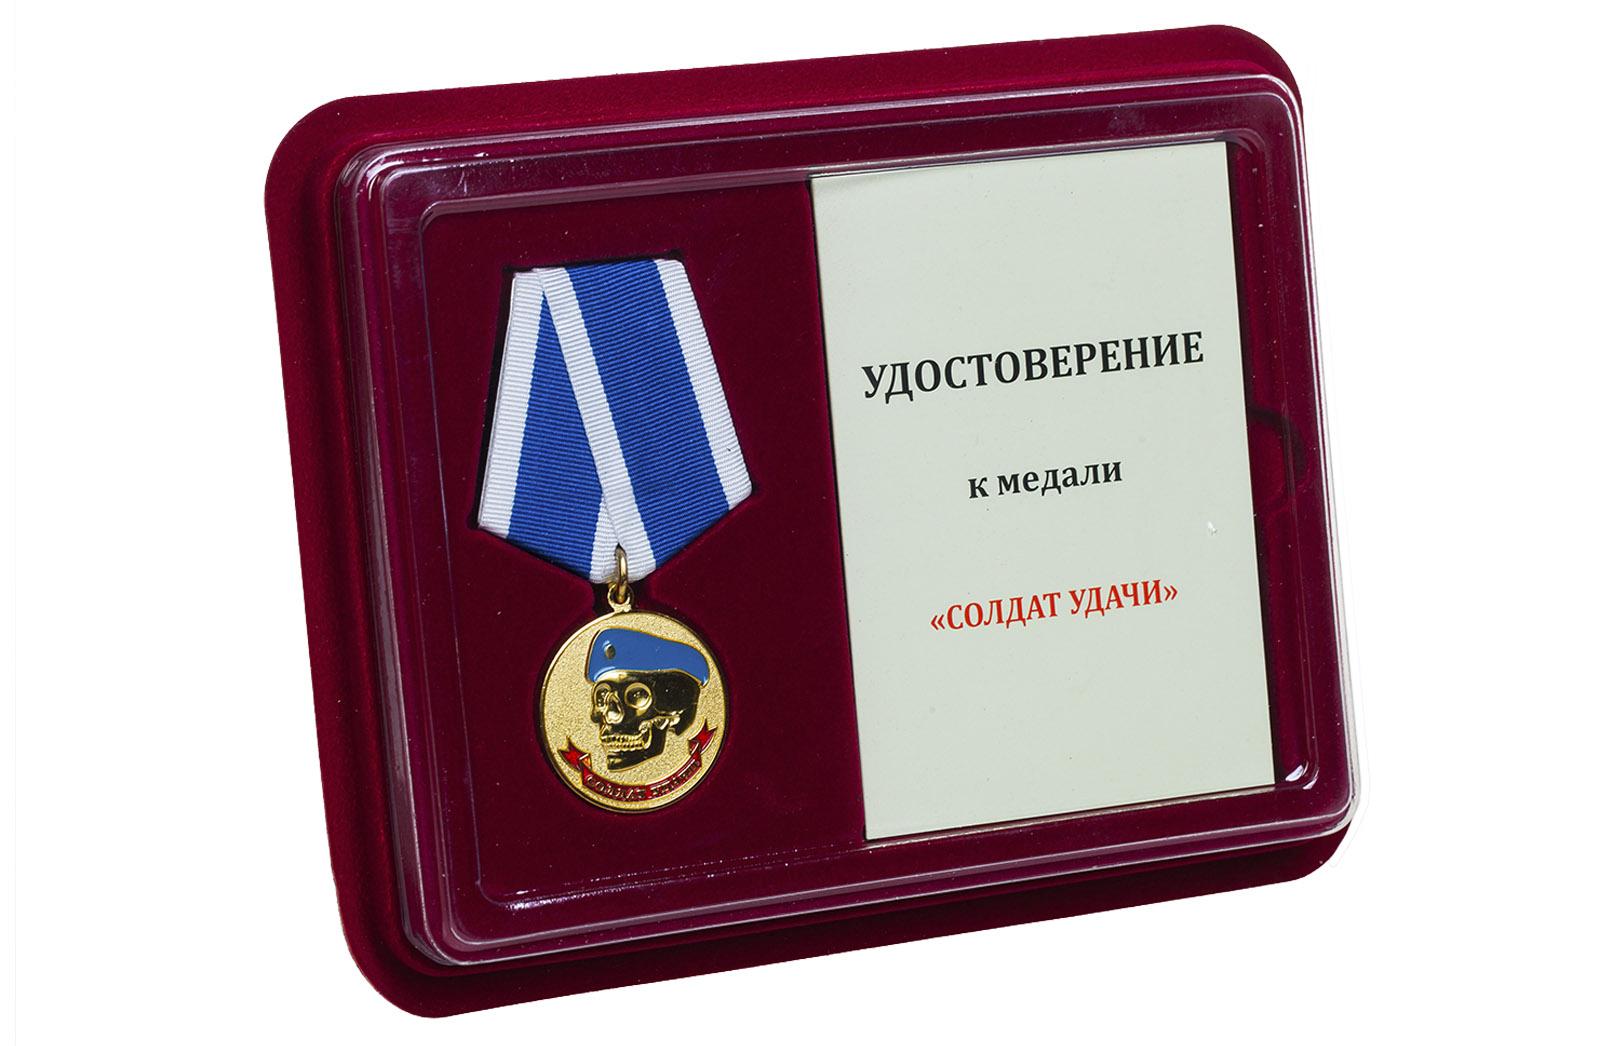 Медаль Десантников Солдат удачи заказать с доставкой